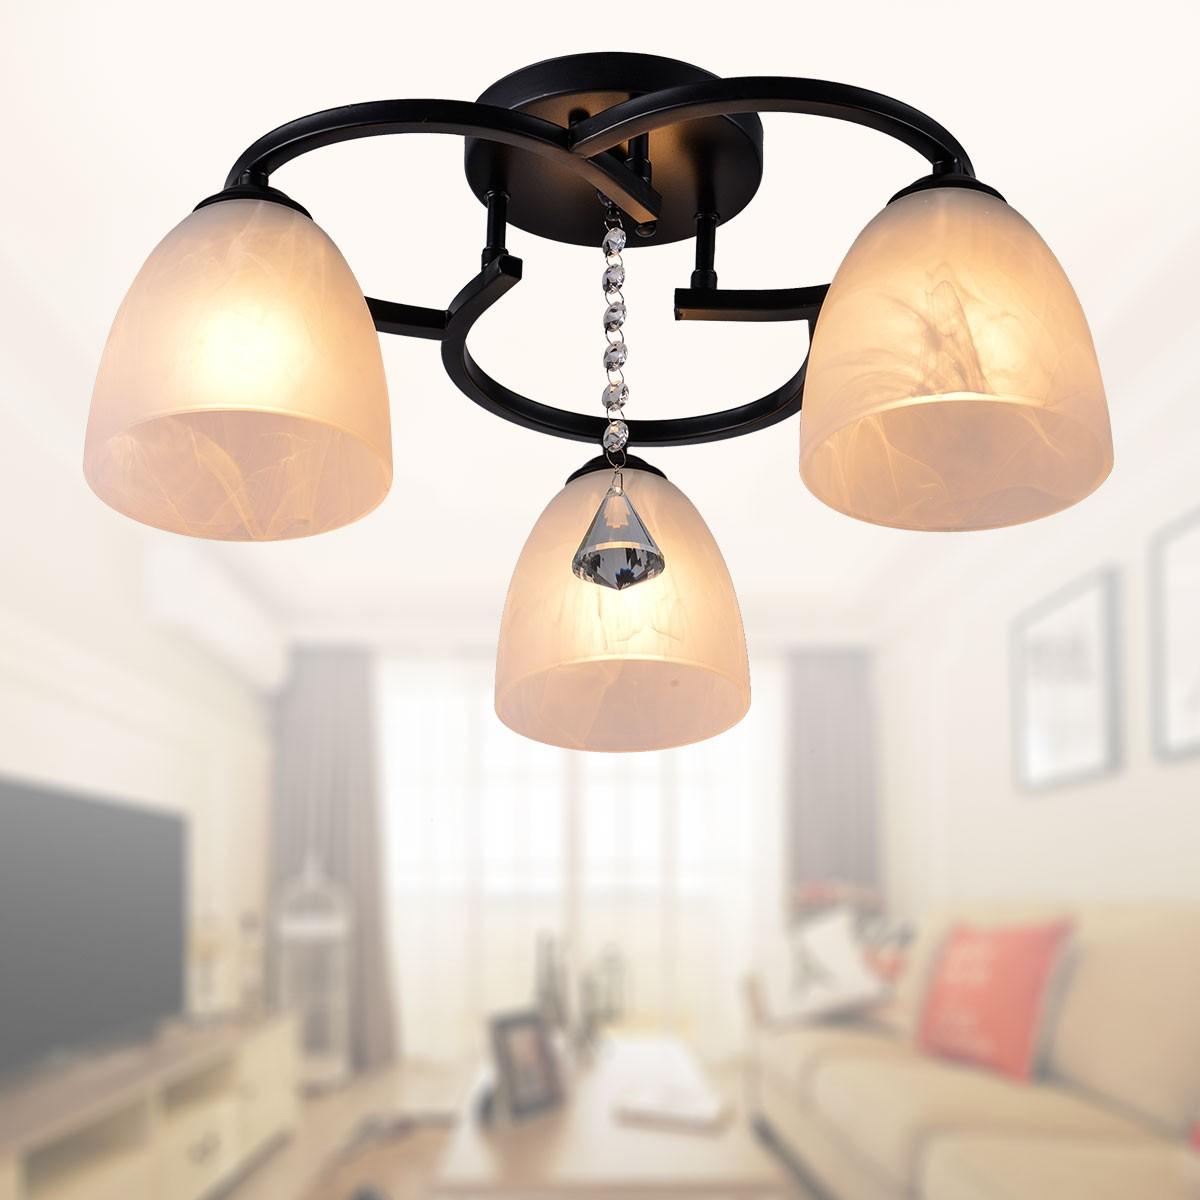 lustre en fer forg avec abat jour en verre 3 ampoules noir dk 820 3 decoraport canada. Black Bedroom Furniture Sets. Home Design Ideas